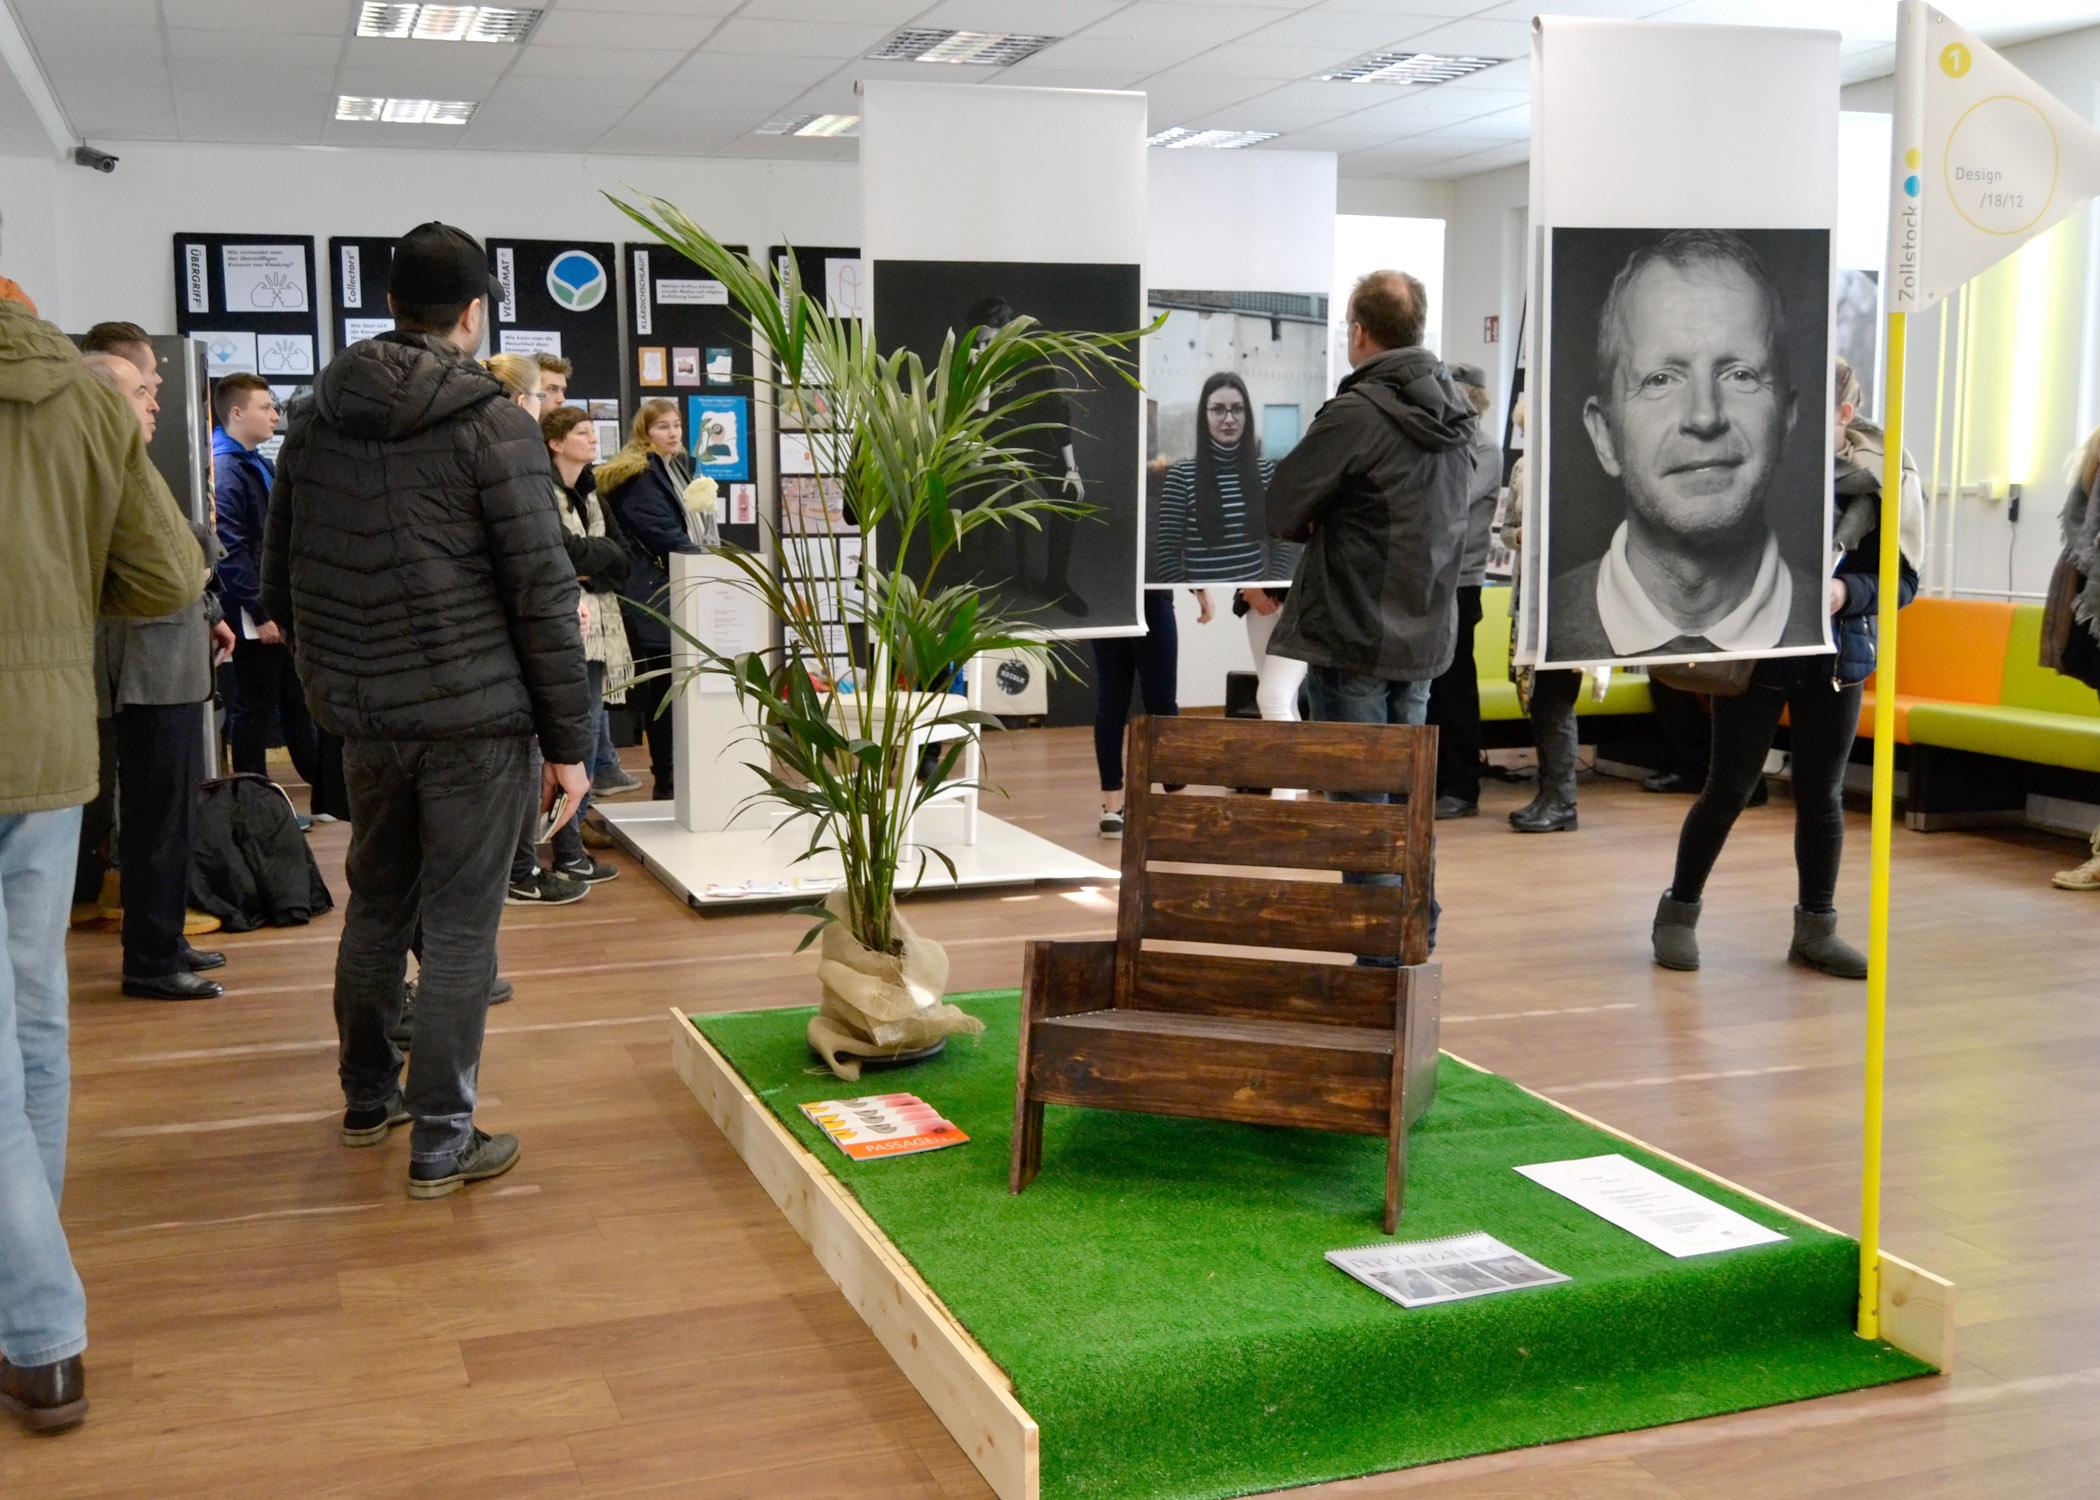 design 18 12 und passagen hmkw hochschule f r medien kommunikation und wirtschaft. Black Bedroom Furniture Sets. Home Design Ideas